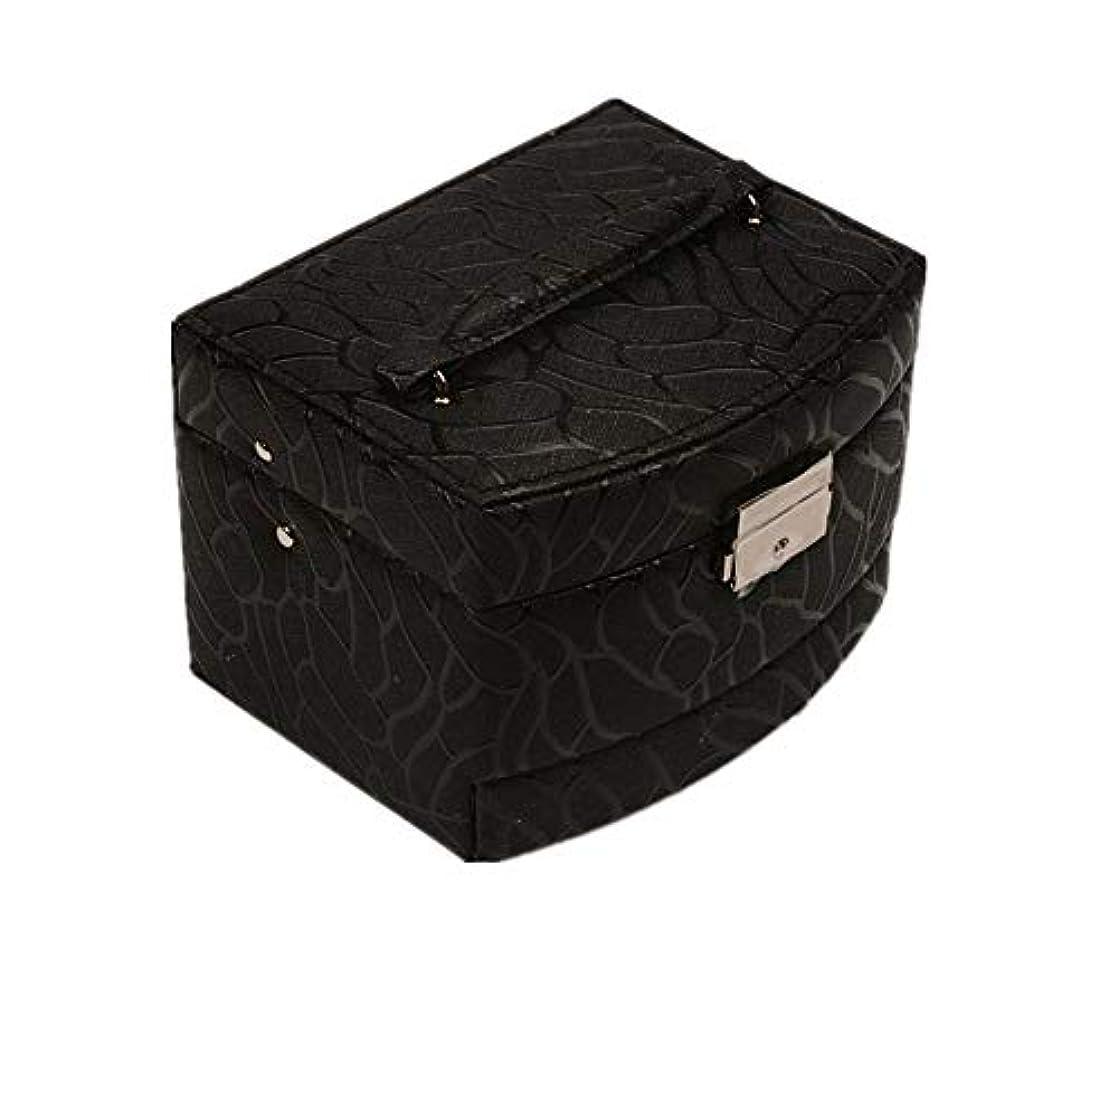 移動余計なシェルター化粧オーガナイザーバッグ 純粋な色のポータブル多層化粧品美容メイクアップ化粧ケースロックと化粧品ミラー 化粧品ケース